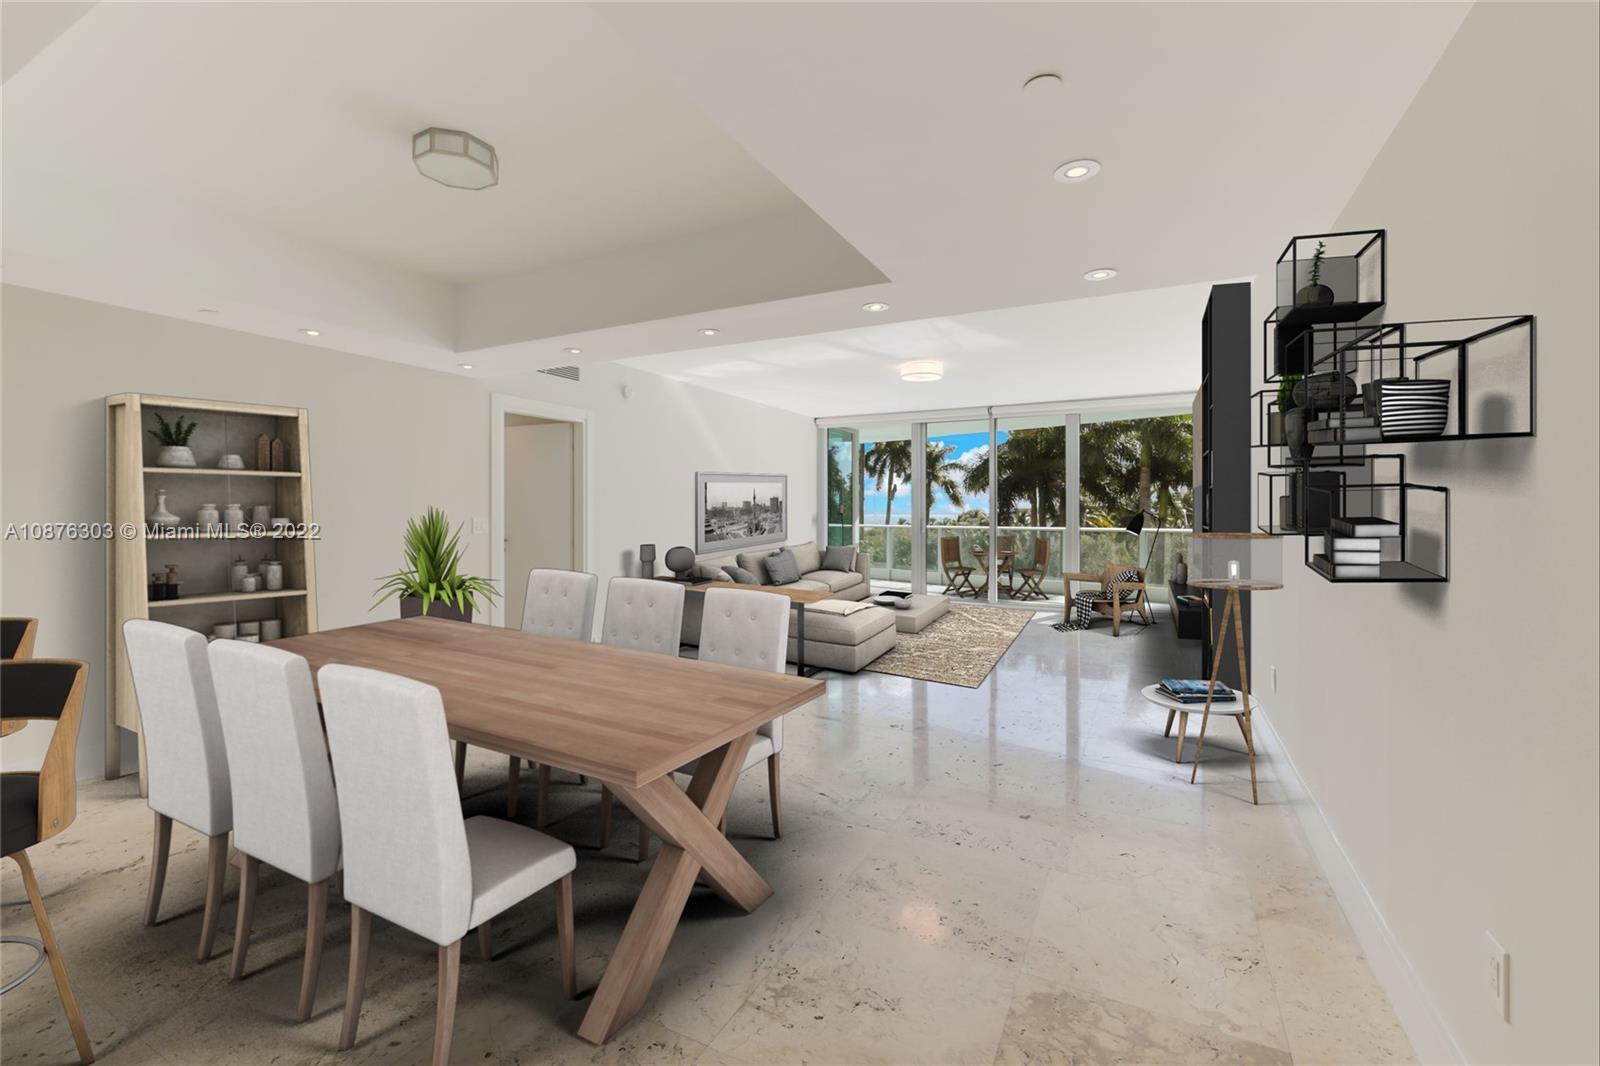 2627 S Bayshore Dr 504, Miami, FL 33133